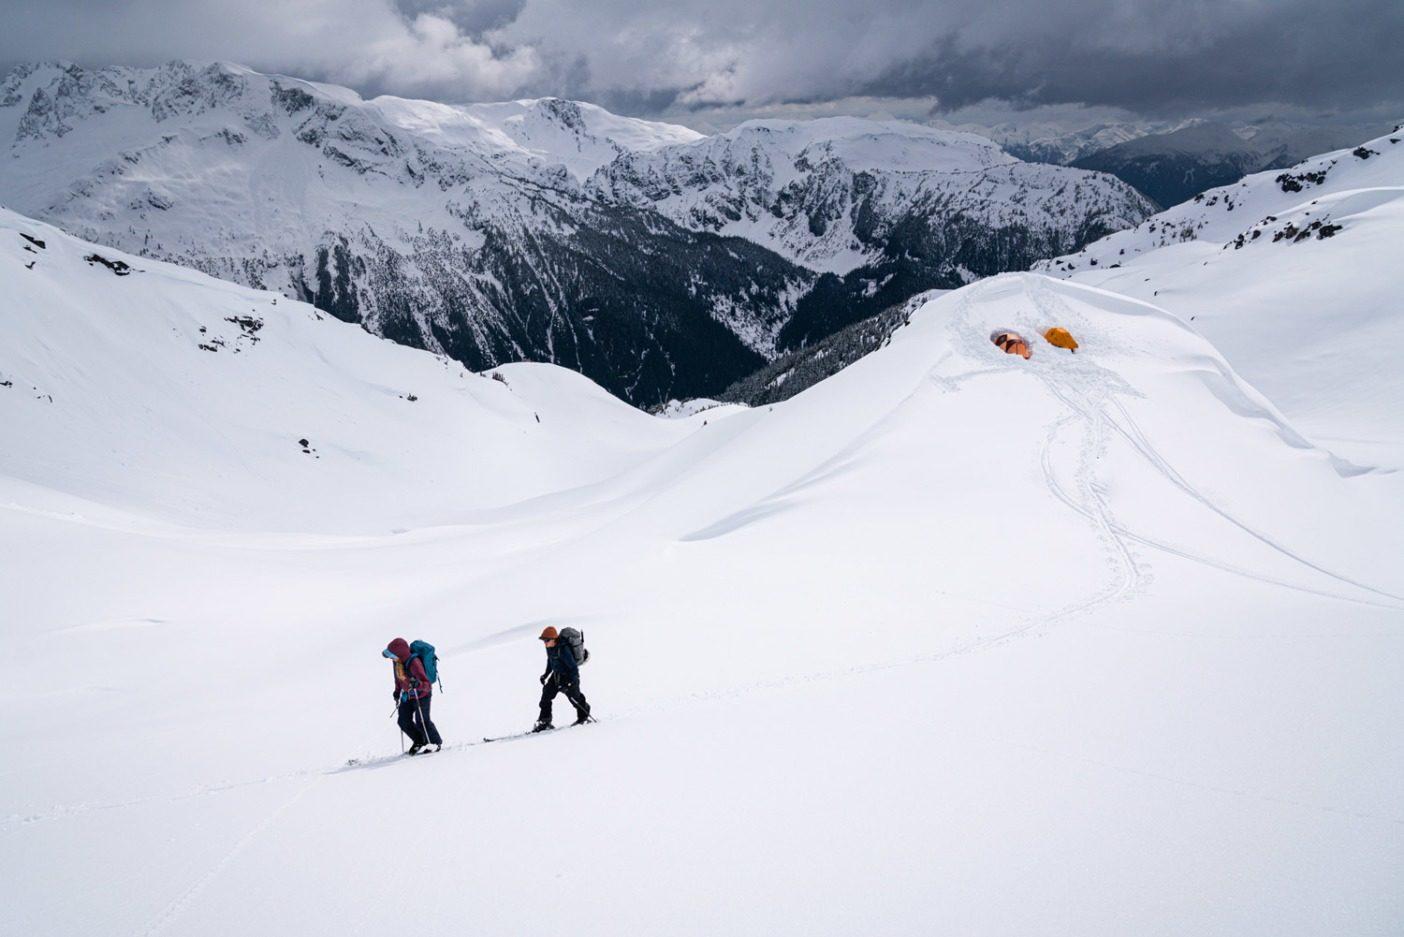 第2の高山ベースキャンプからスキニングするカトリーナ・ヴァン・ウェイクとケント・クリステンセン。不安定な積雪状態と強力な冬の嵐が、グループのこのエリアでの滑降を不可能にした。Photo: Jasper Gibson